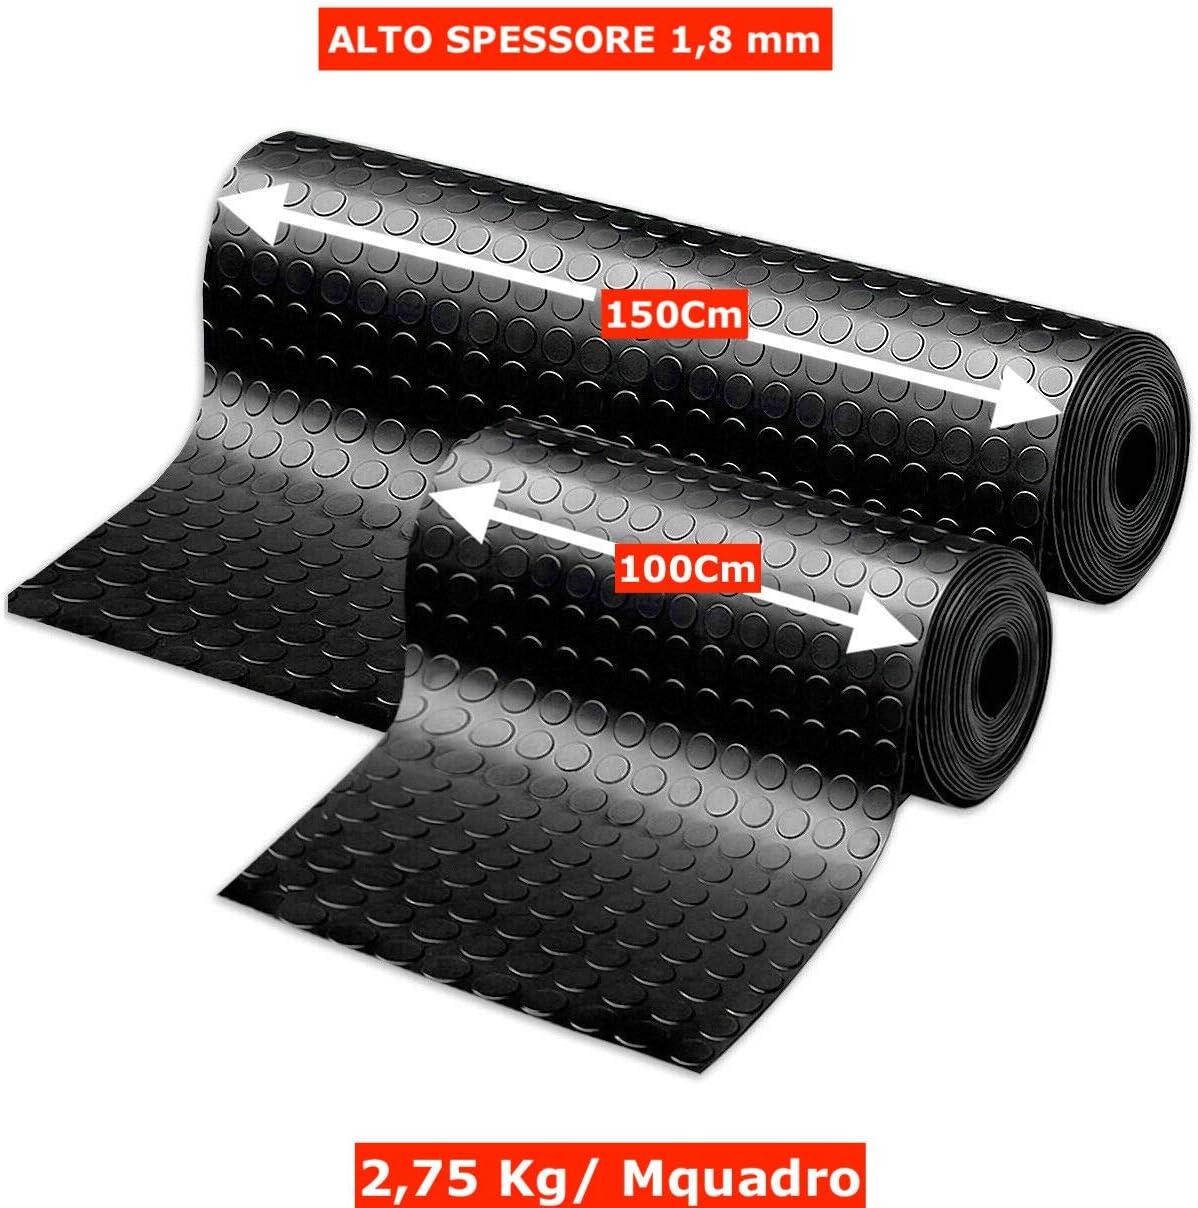 dise/ño de burbujas alfombras de goma por metro para la industria en varios modelos y tama/ños Suelo de goma aislante alfombrilla de goma alfombra de goma antideslizante